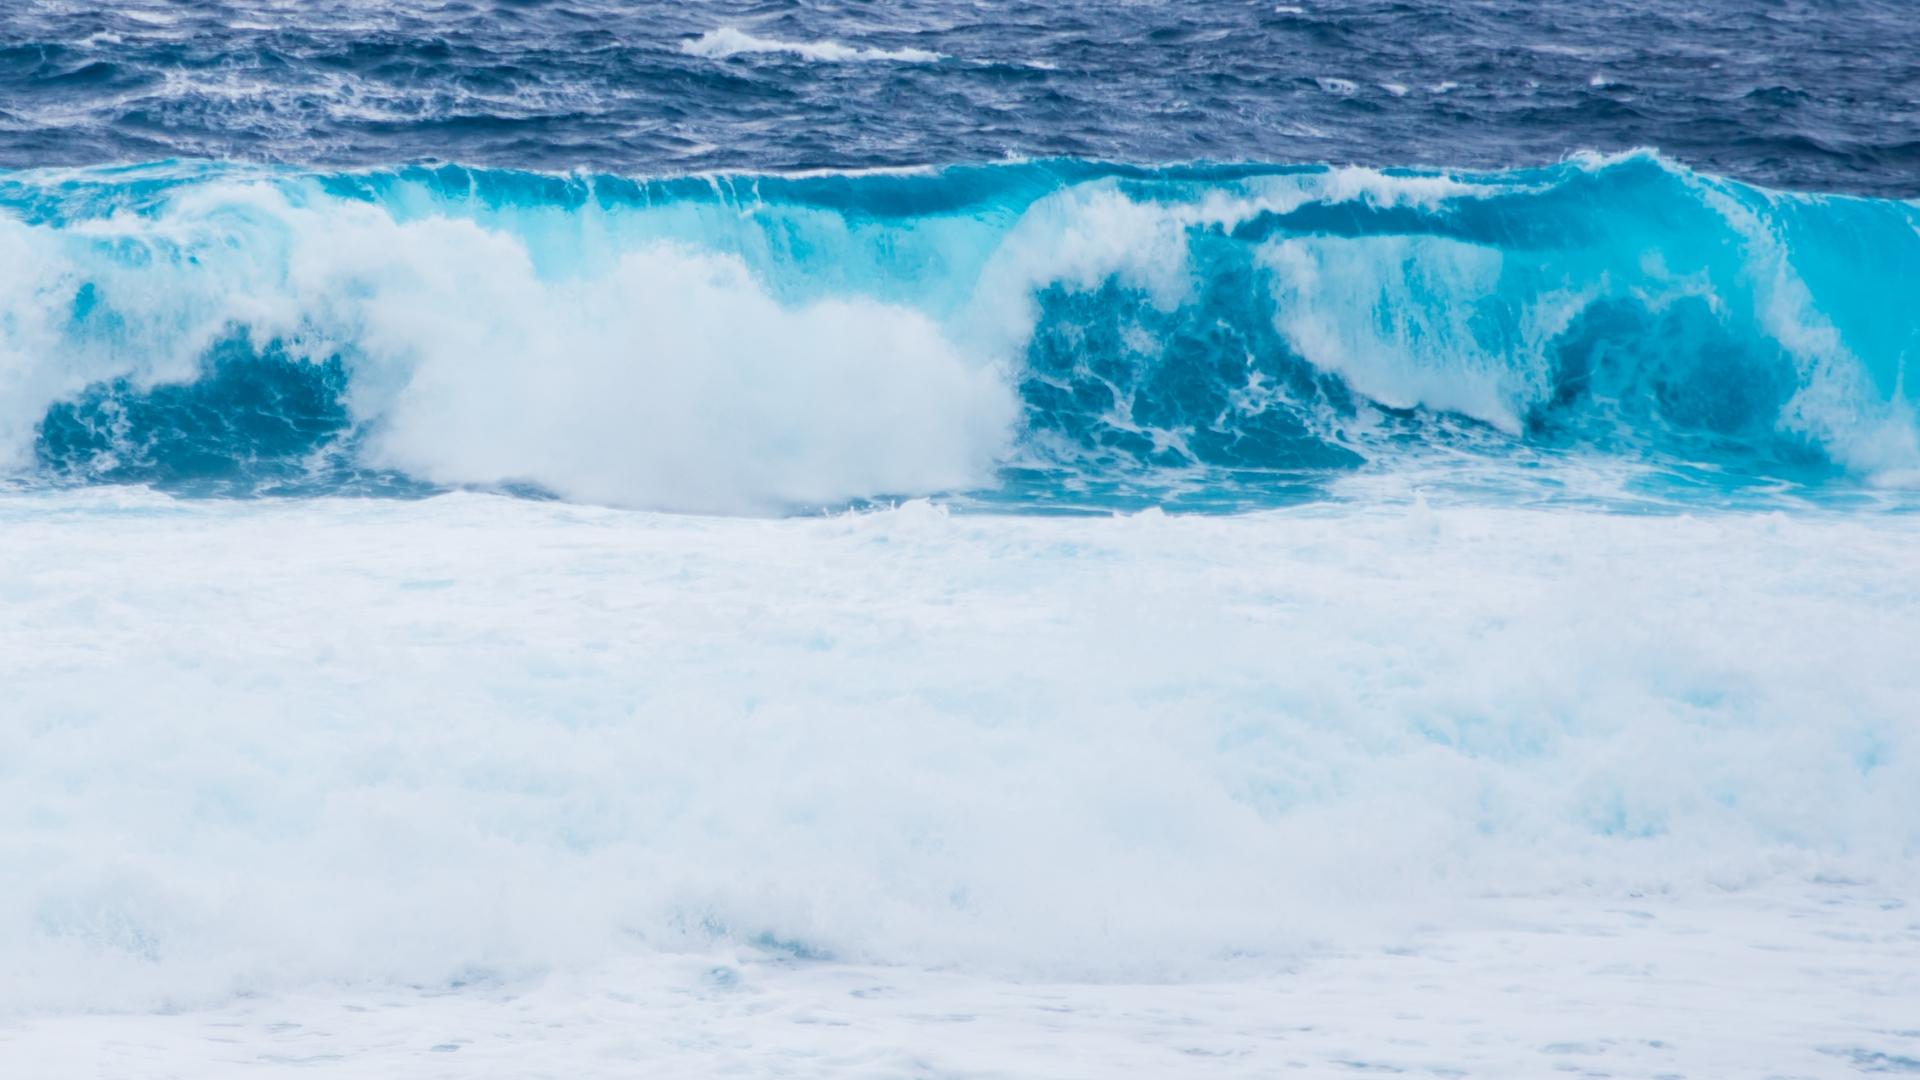 石垣島の台風時の荒波